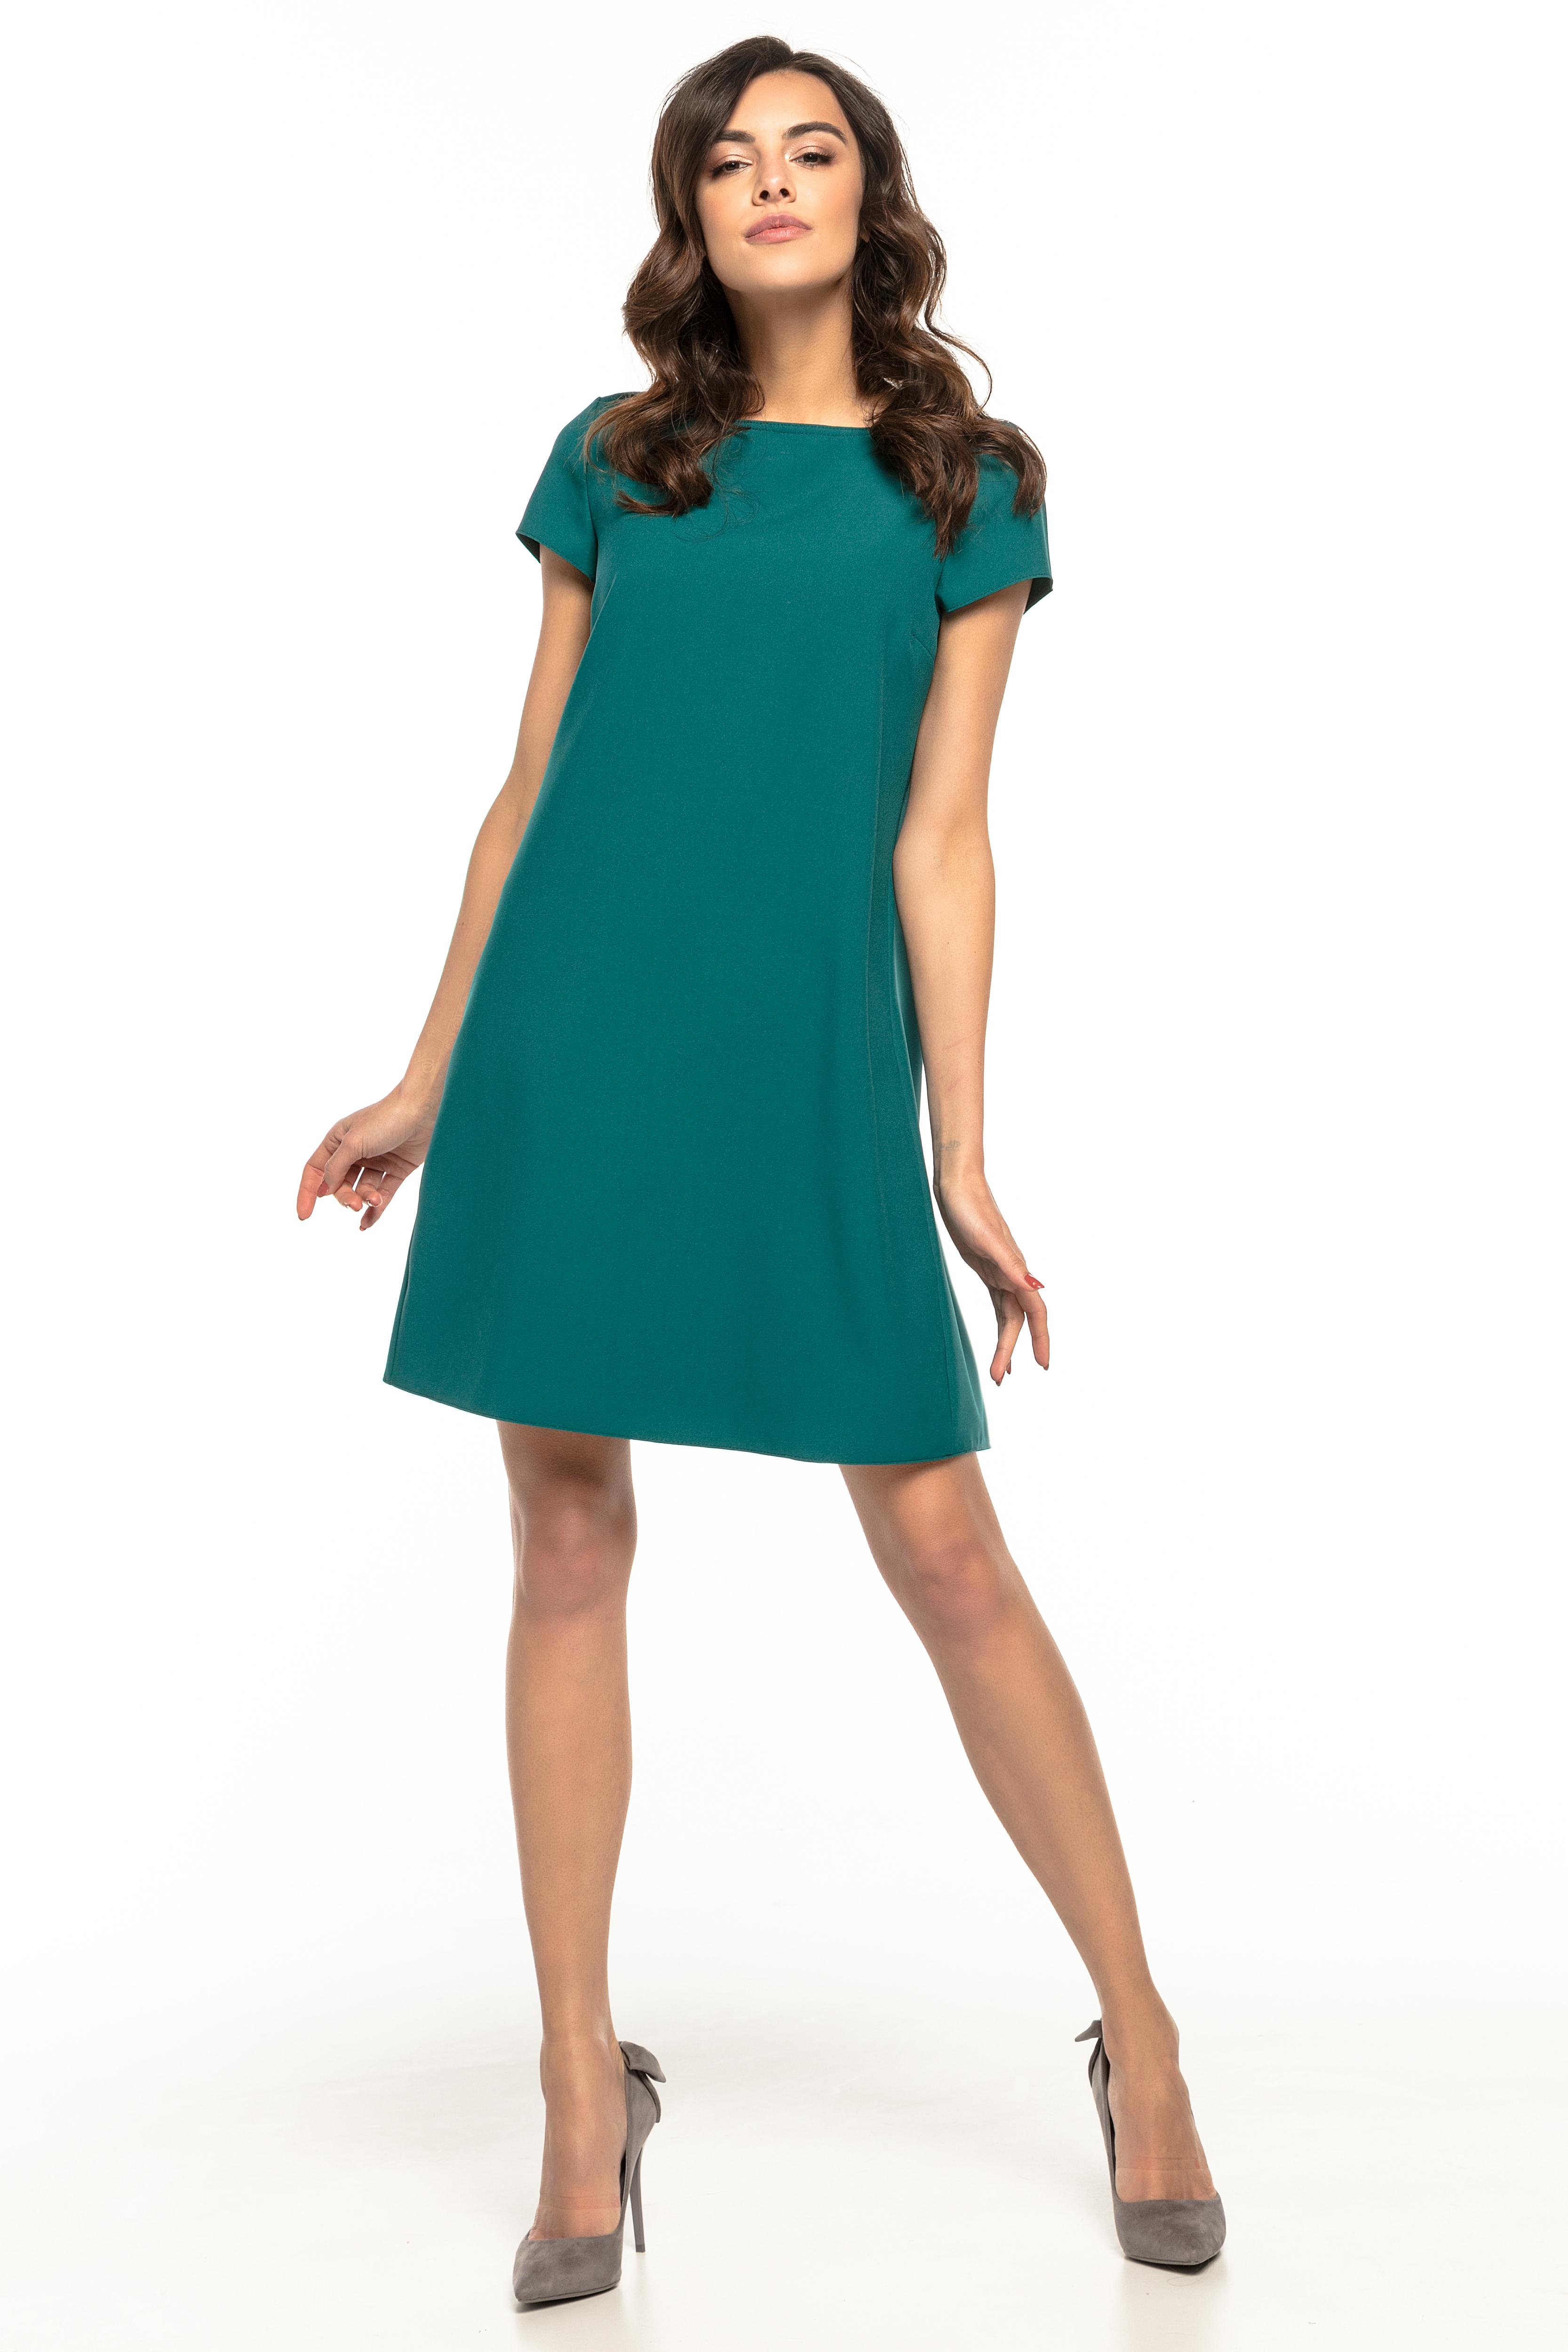 a3f1b7ce6af98e Sukienka trapezowa elegancka zielona - tania dostawa już od 5,99 zł